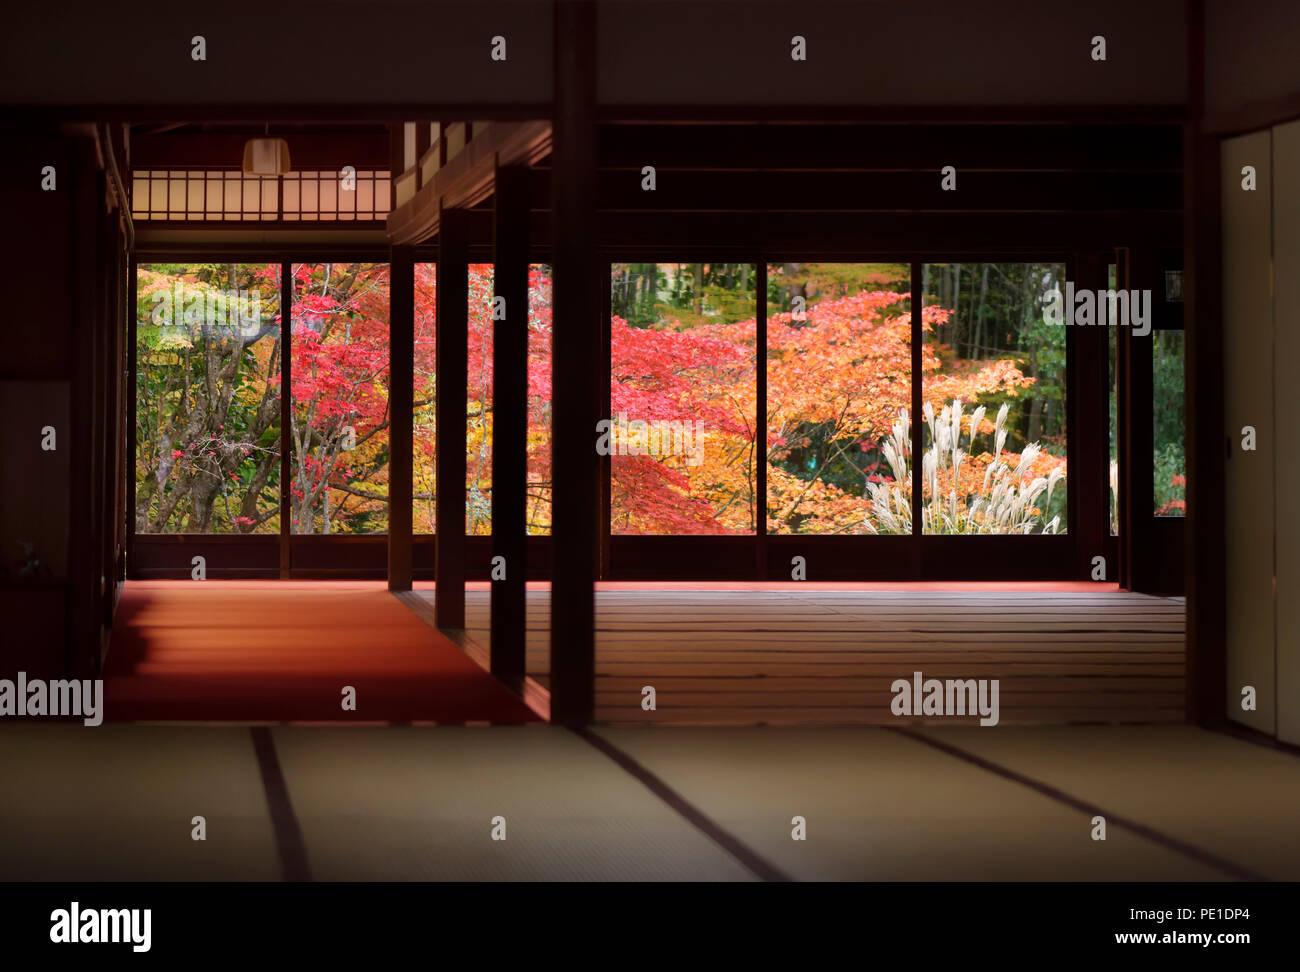 Intérieur chambre traditionnelle japonaise avec un beau paysage nature coloré d'automne derrière les fenêtres. Tenjuan temple historique Hall, complexe de Nanzen-ji Photo Stock